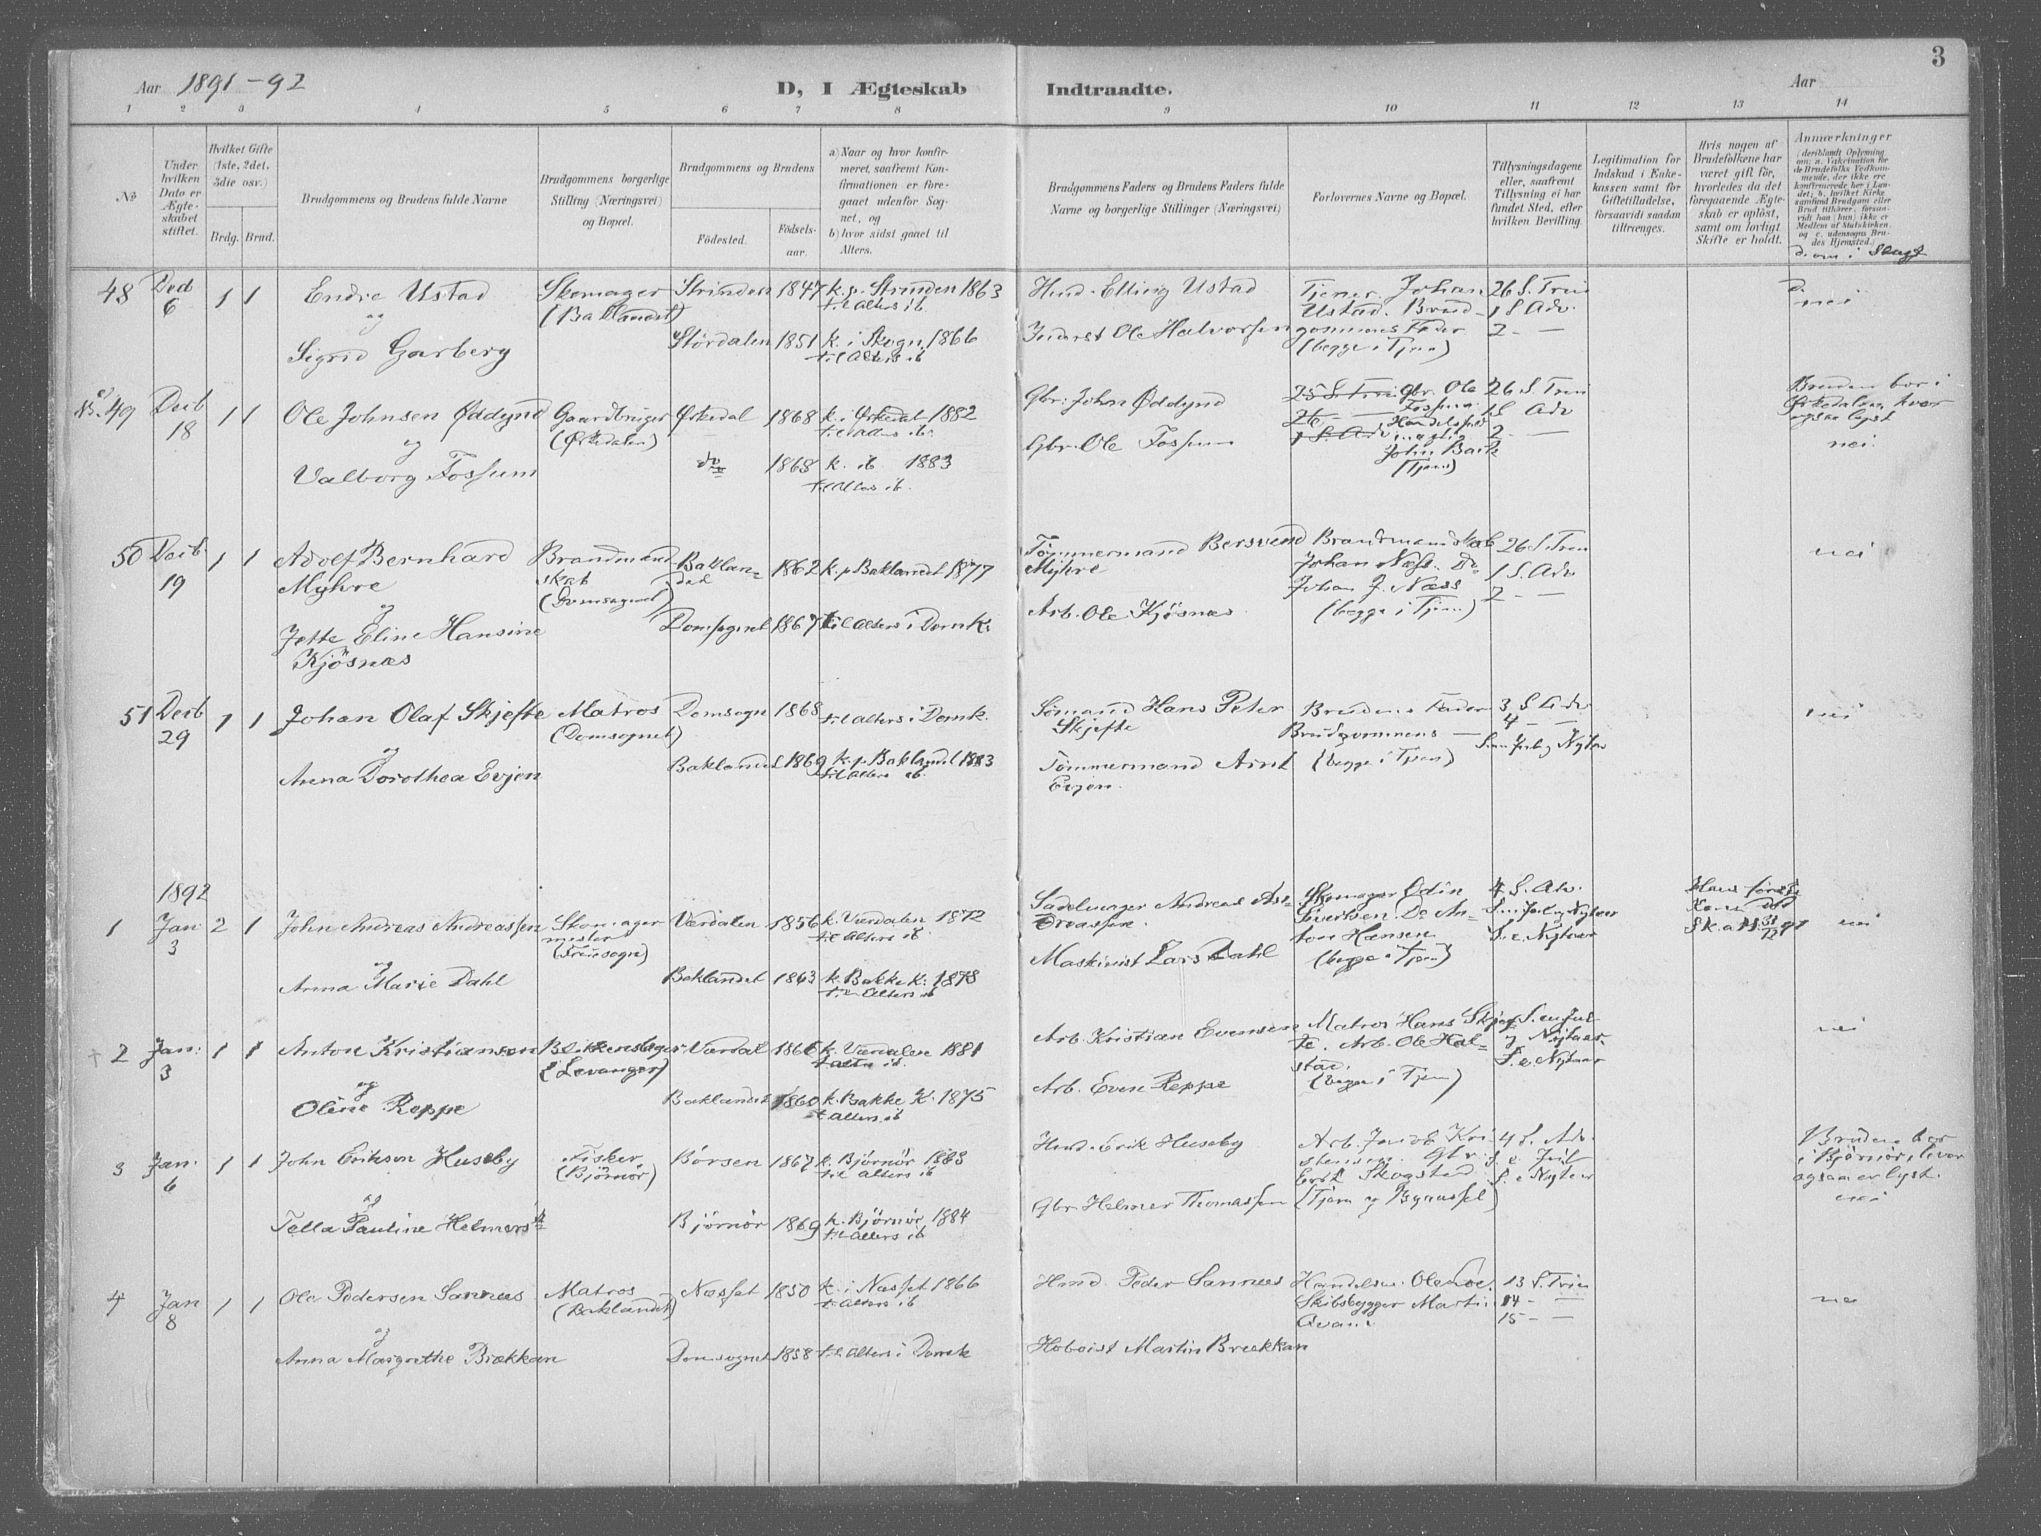 SAT, Ministerialprotokoller, klokkerbøker og fødselsregistre - Sør-Trøndelag, 601/L0064: Ministerialbok nr. 601A31, 1891-1911, s. 3